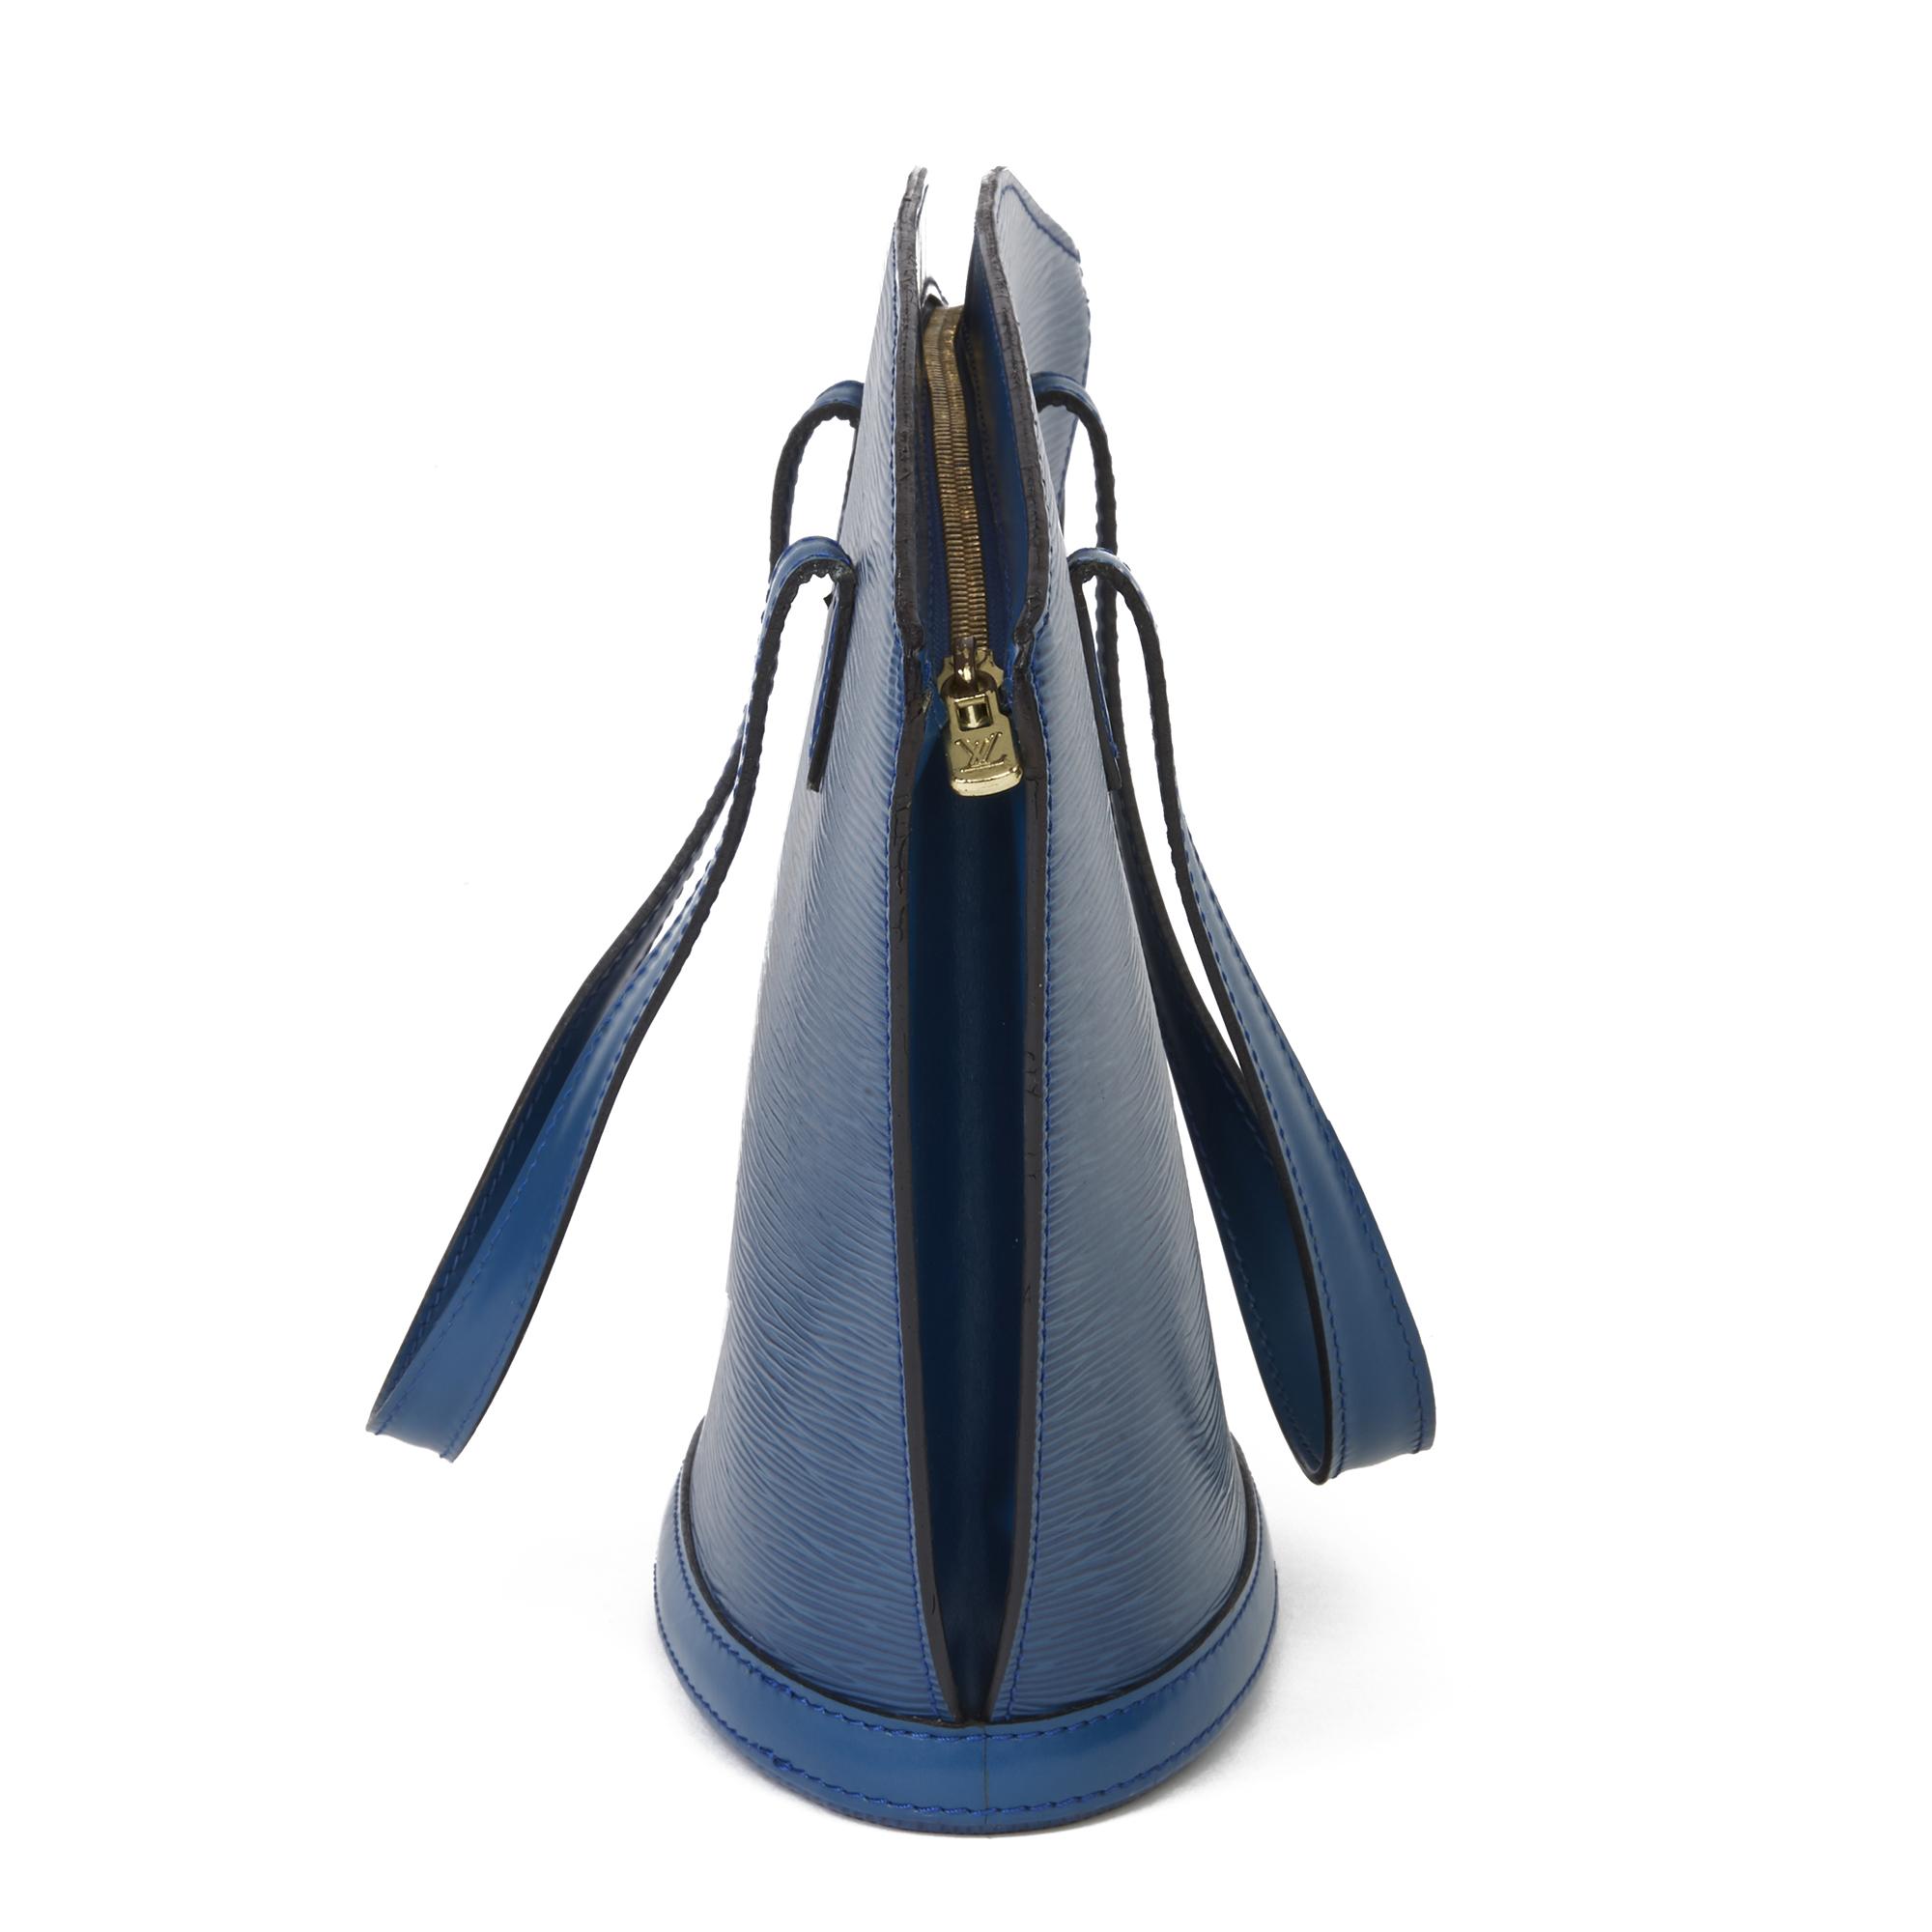 Louis Vuitton Blue Epi Leather Vintage Saint Jacques PM - Image 10 of 11